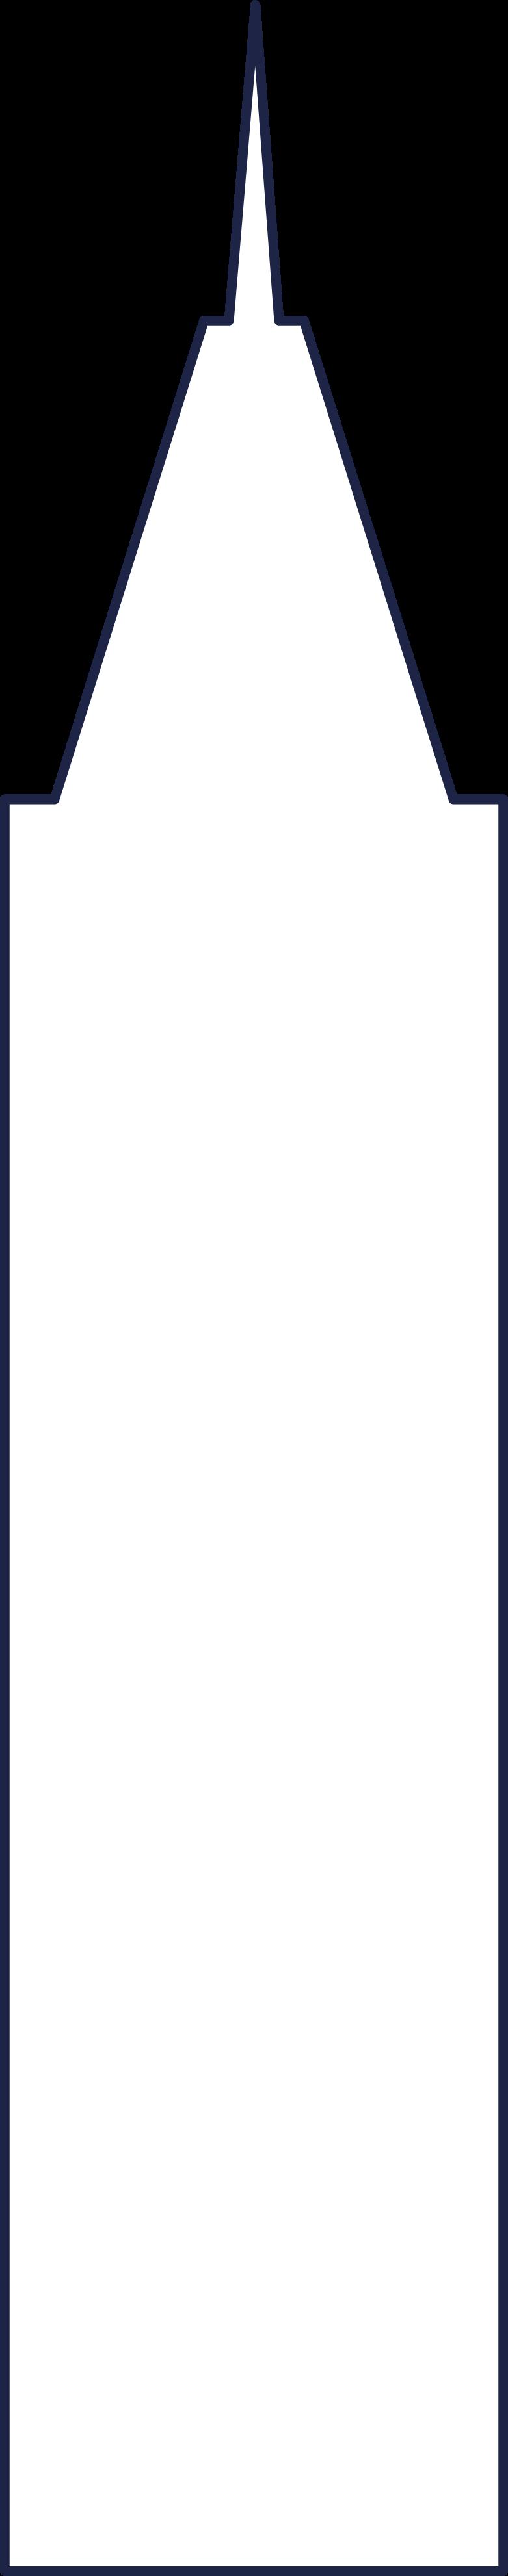 building 6 line Clipart illustration in PNG, SVG